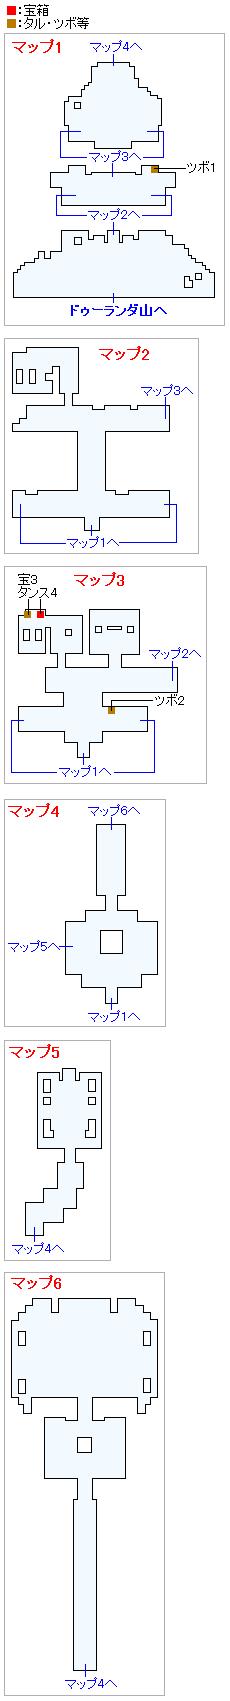 ドゥルダ郷(Swith2Dと3DS2D)のマップ画像